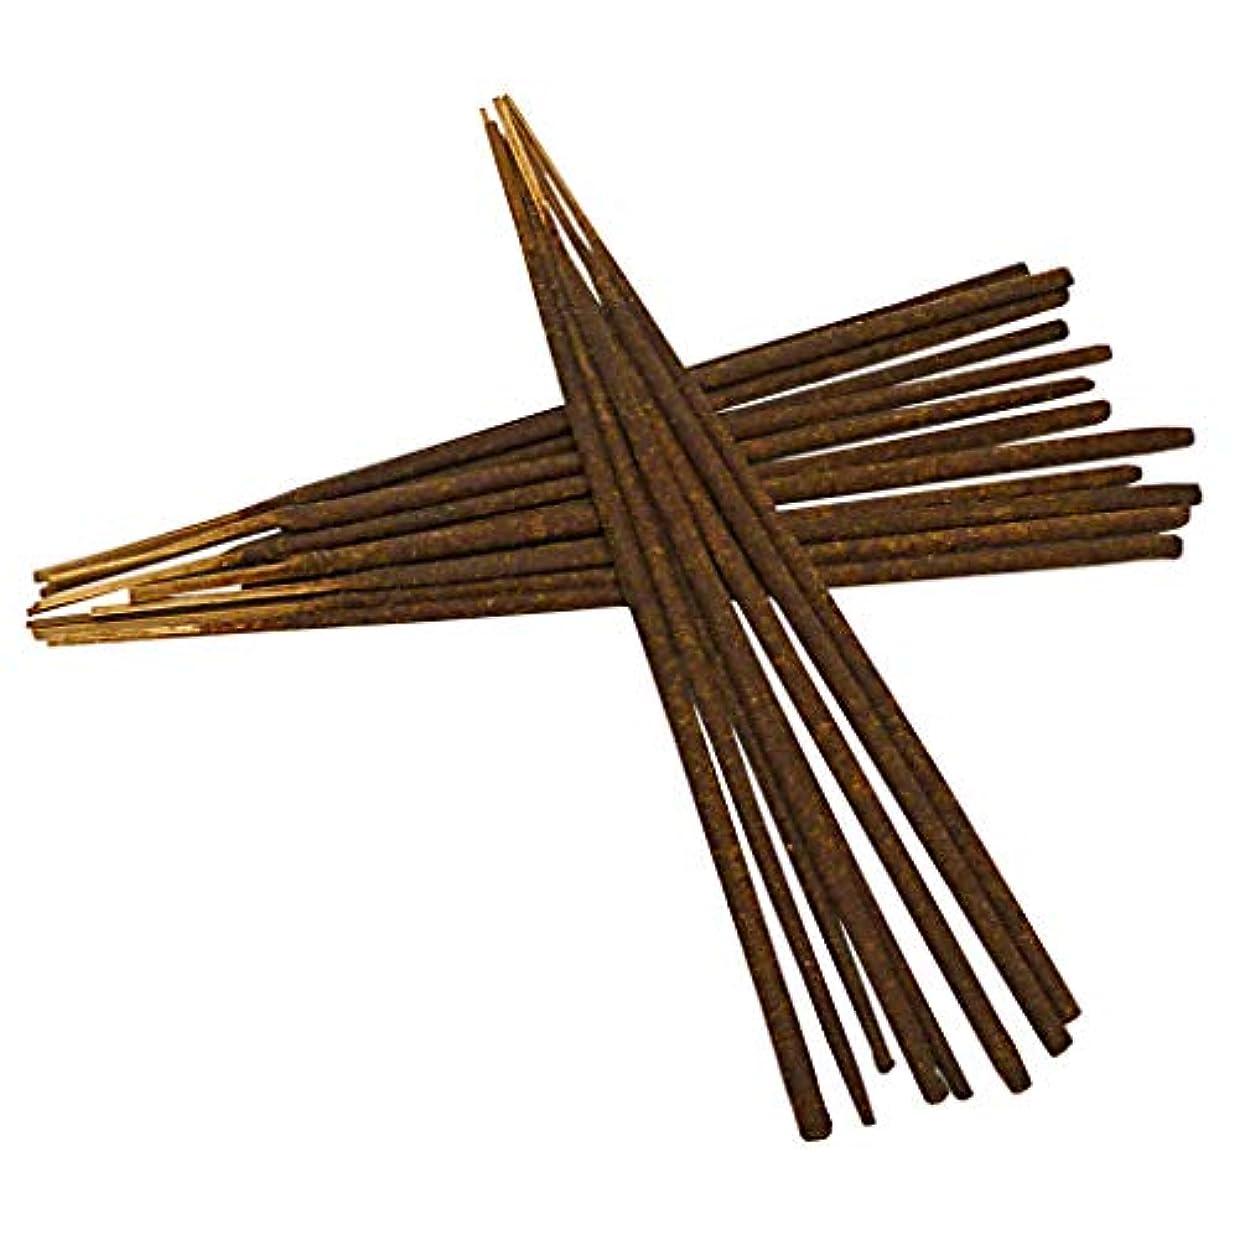 ノートロケット競争デザイントスカーノ20 SticksのIncense